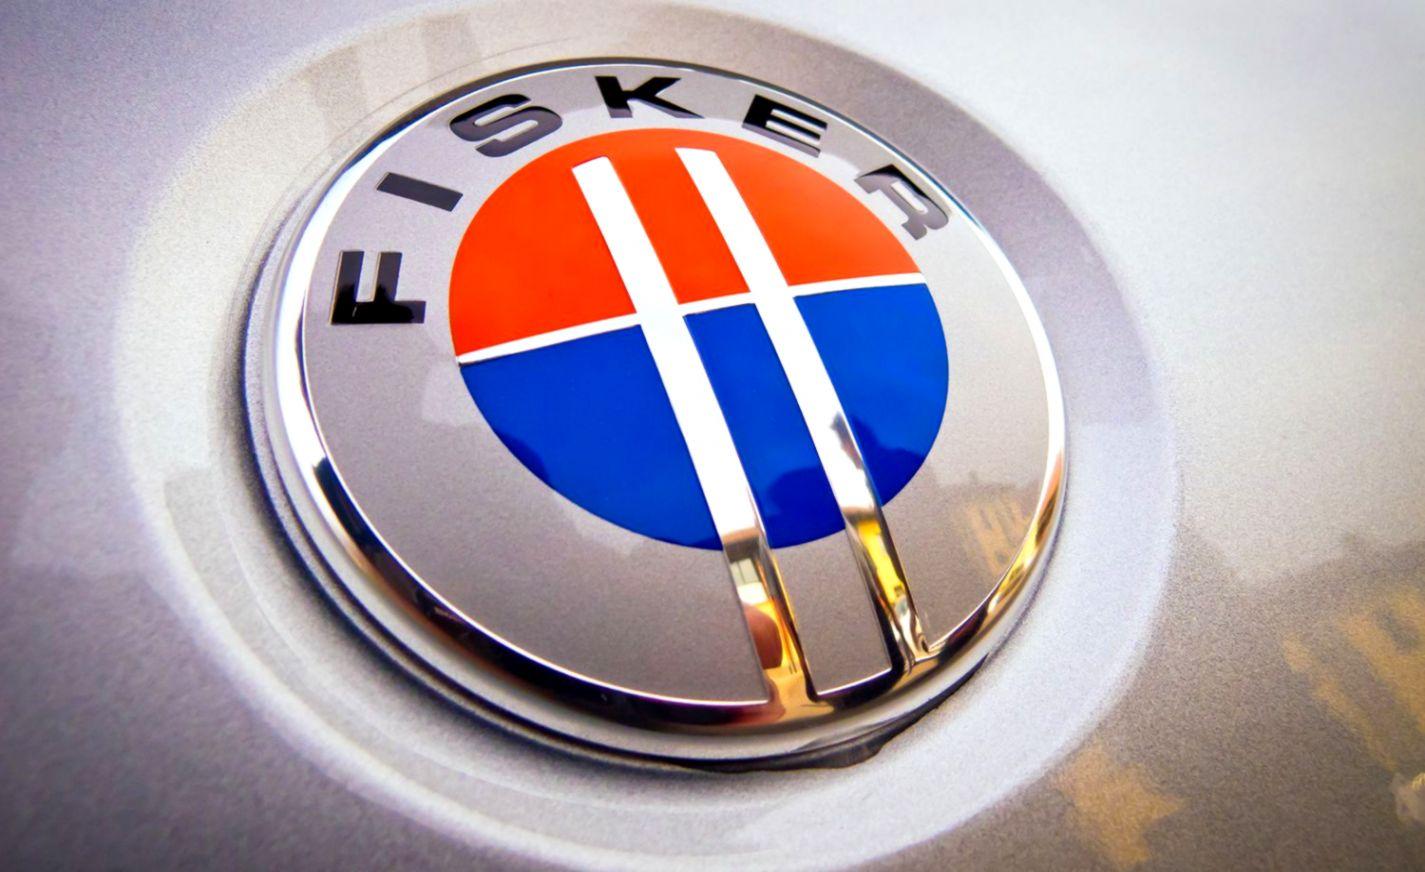 Fisker Logos